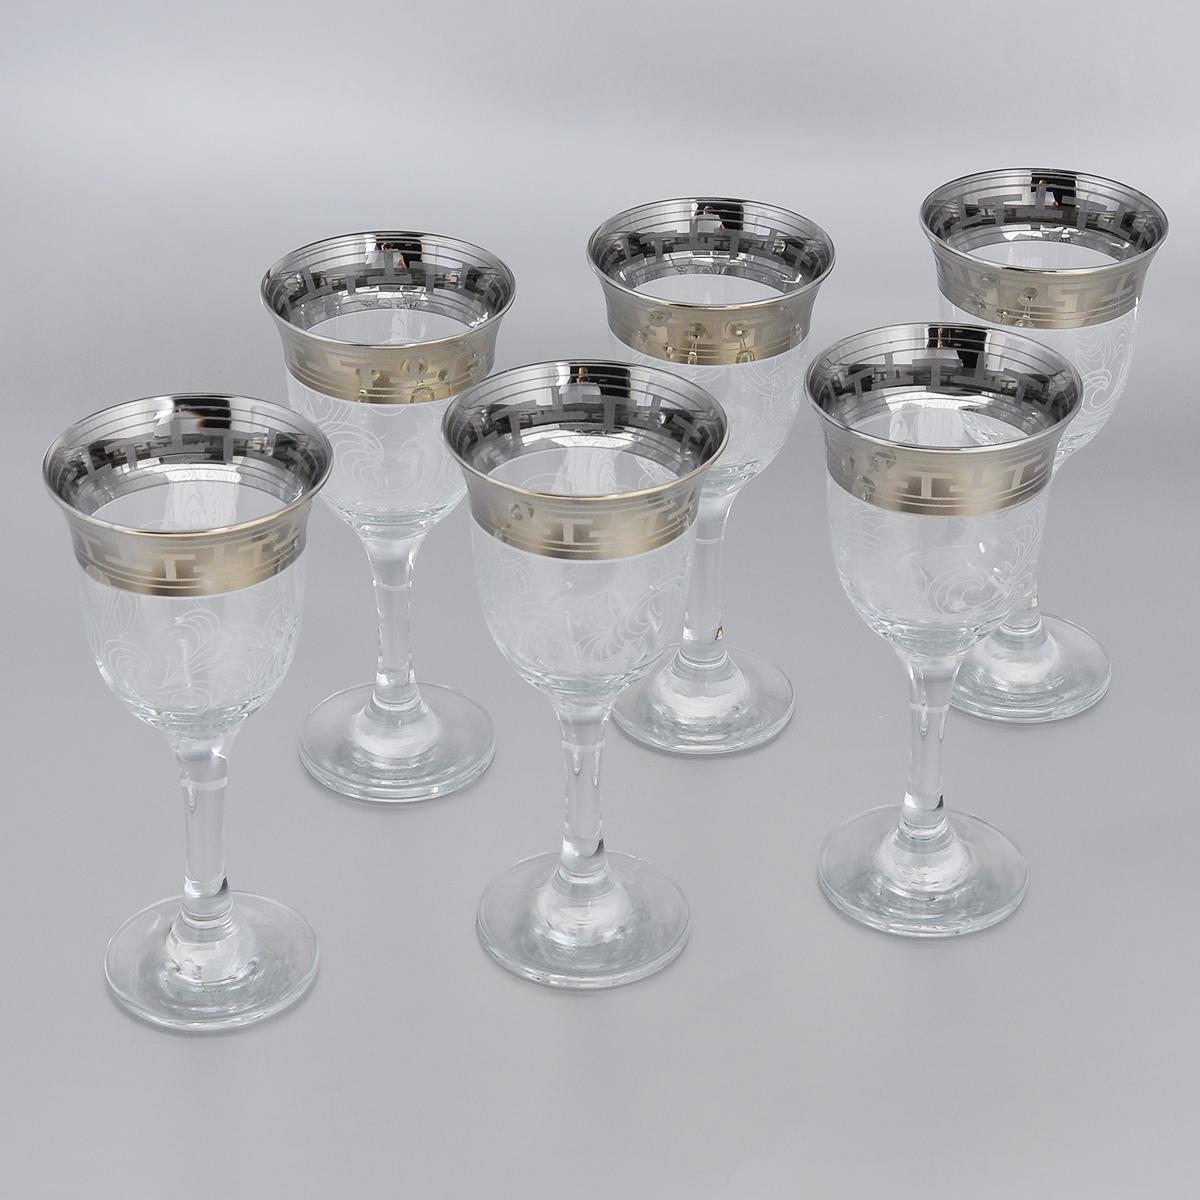 Набор фужеров Гусь-Хрустальный Греческий узор, 240 мл, 6 штVT-1520(SR)Набор Гусь-Хрустальный Греческий узор состоит из 6 фужеров для вина на тонких длинных ножках, изготовленных из высококачественного натрий-кальций-силикатного стекла. Изделия оформлены красивым зеркальным покрытием и белым матовым орнаментом. Такой набор прекрасно дополнит праздничный стол и станет желанным подарком в любом доме. Разрешается мыть в посудомоечной машине. Диаметр фужера (по верхнему краю): 8,5 см. Высота фужера: 17,5 см.